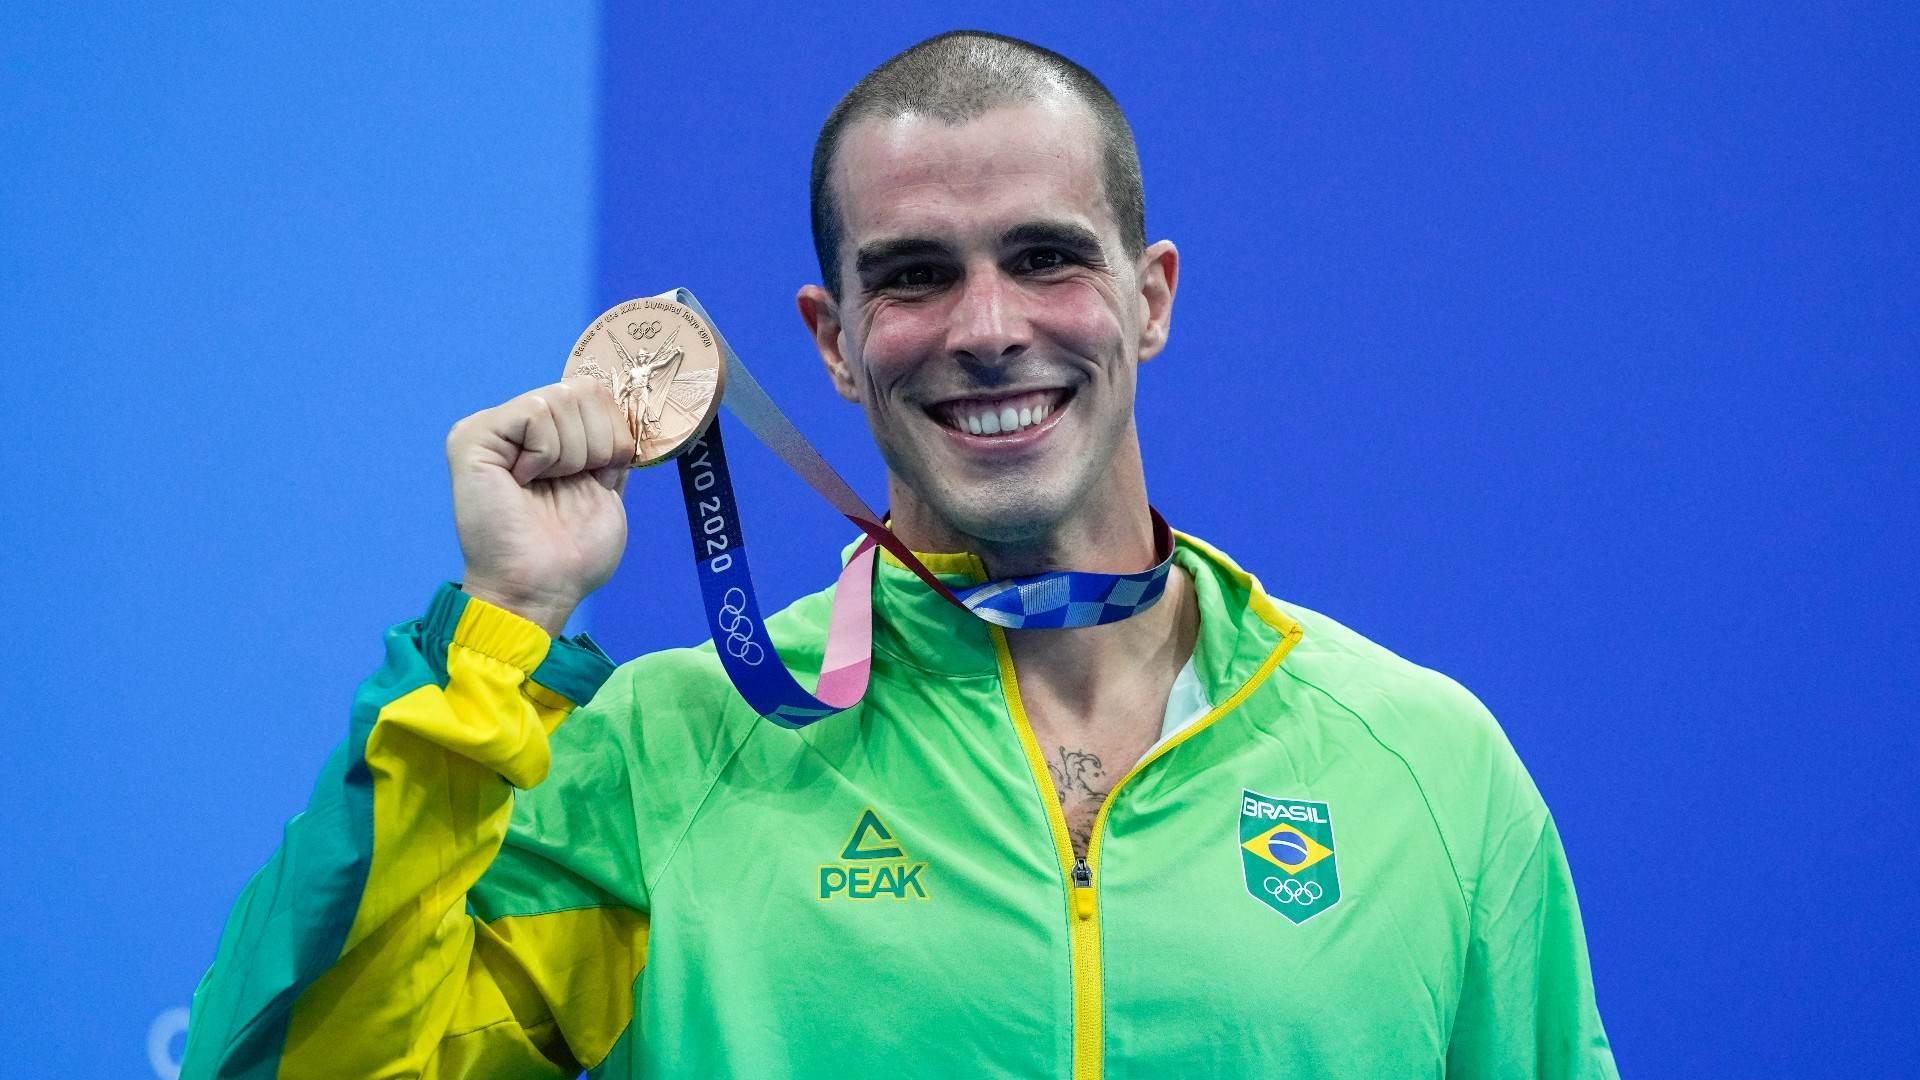 Bruno Fratus celebra medalha de bronze conquistada nos 50m livre em Tóquio